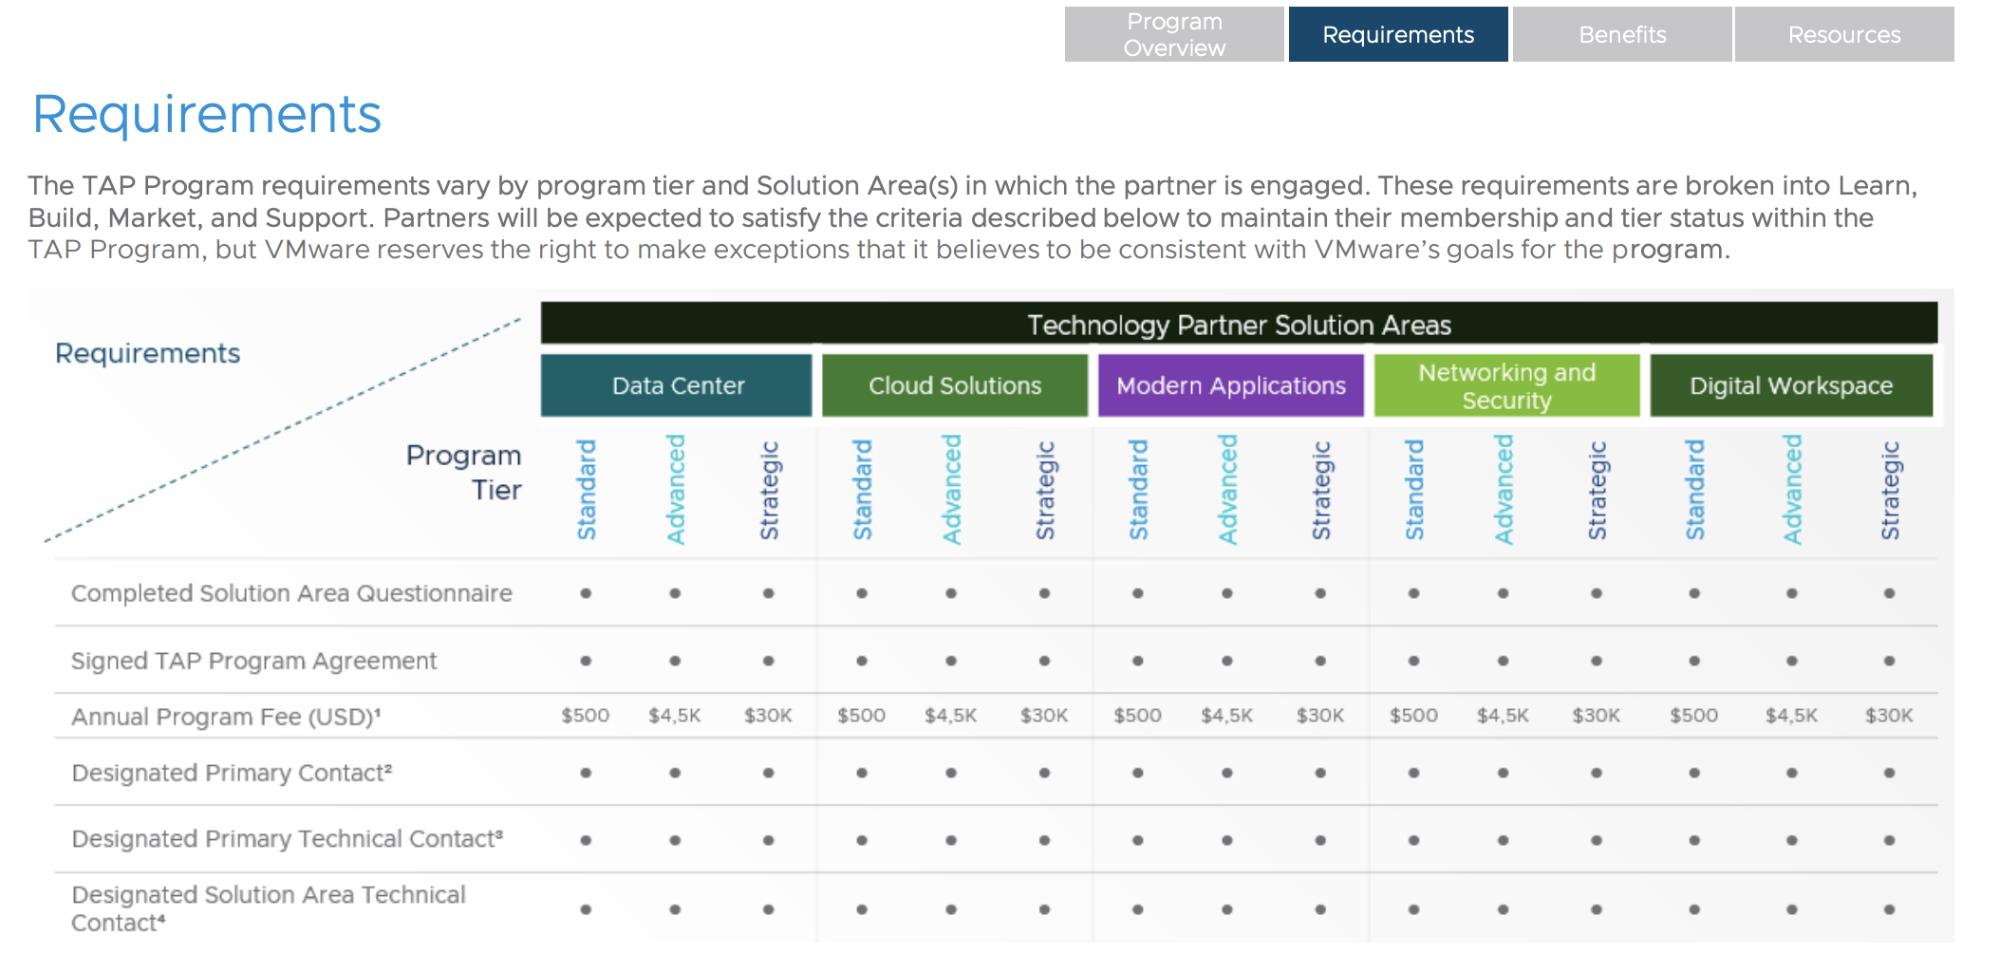 VMWare partner requirements